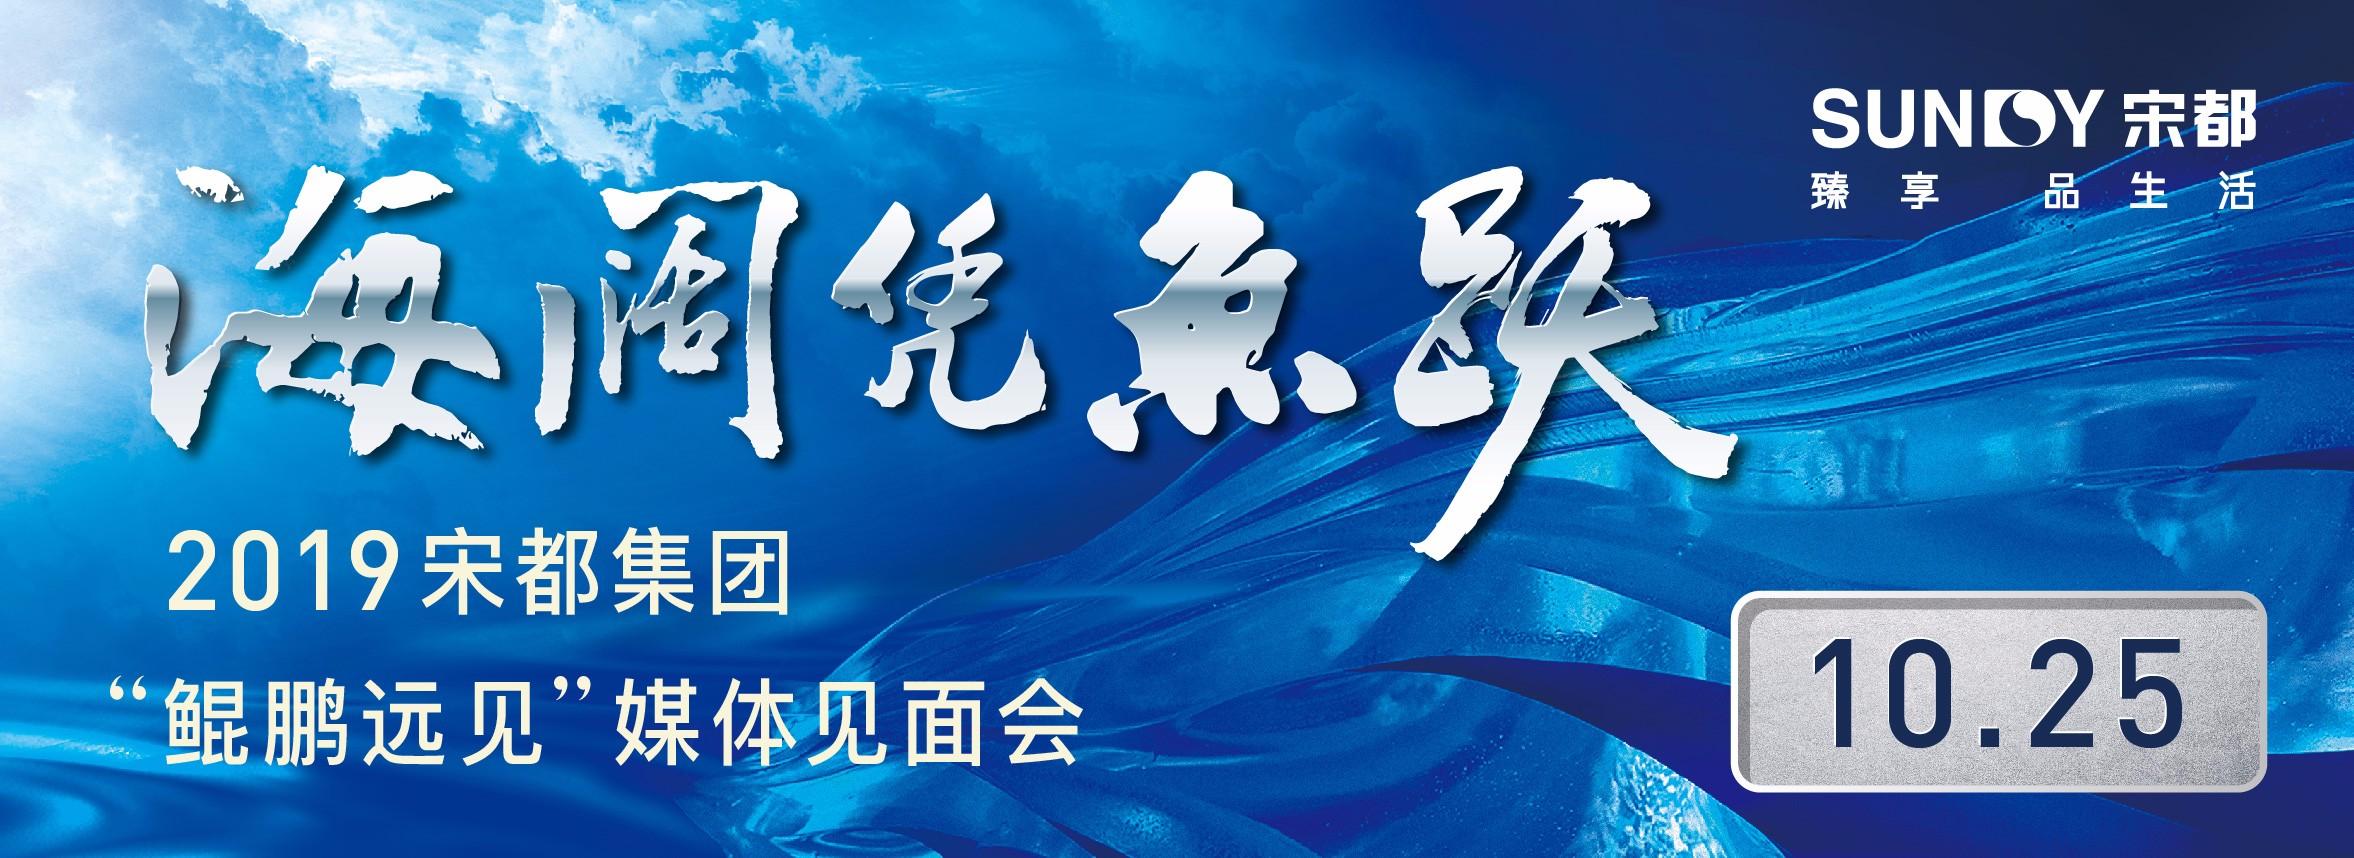 """""""海阔凭鱼跃""""——2019宋都集团""""鲲鹏远见""""媒体见面会"""